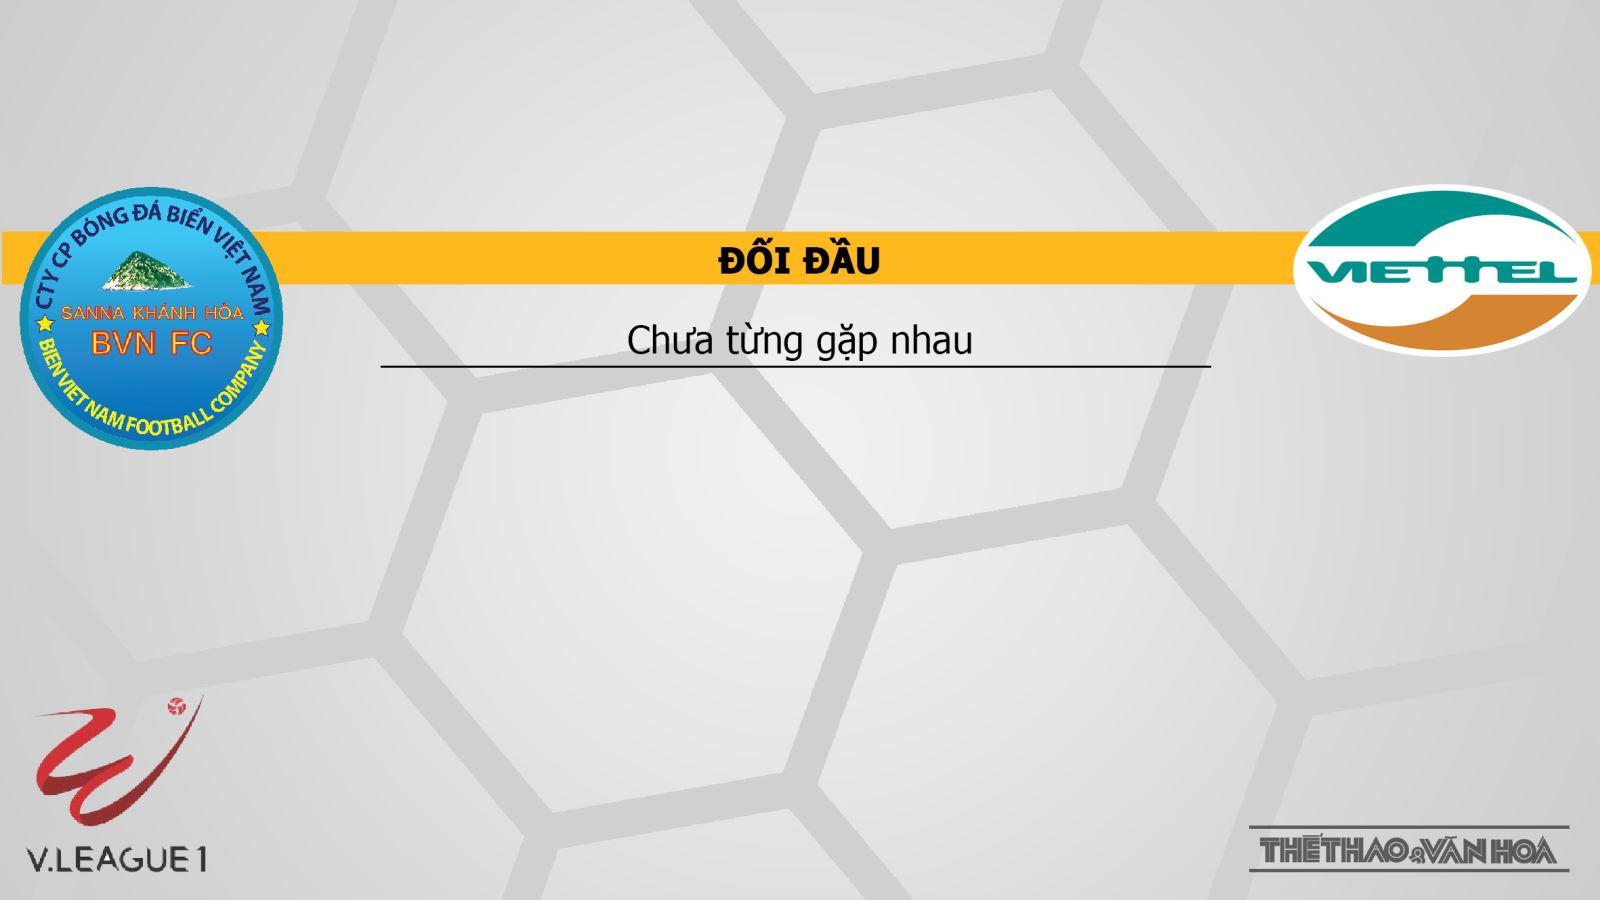 trực tiếp Khánh Hòa đấu với Viettel, Khánh Hòa, Viettel, trực tiếp Khánh Hòa vs Viettel, link xem trực tiếp Khánh Hòa vs Viettel, Khánh Hòa đấu với Viettel, bxh V League